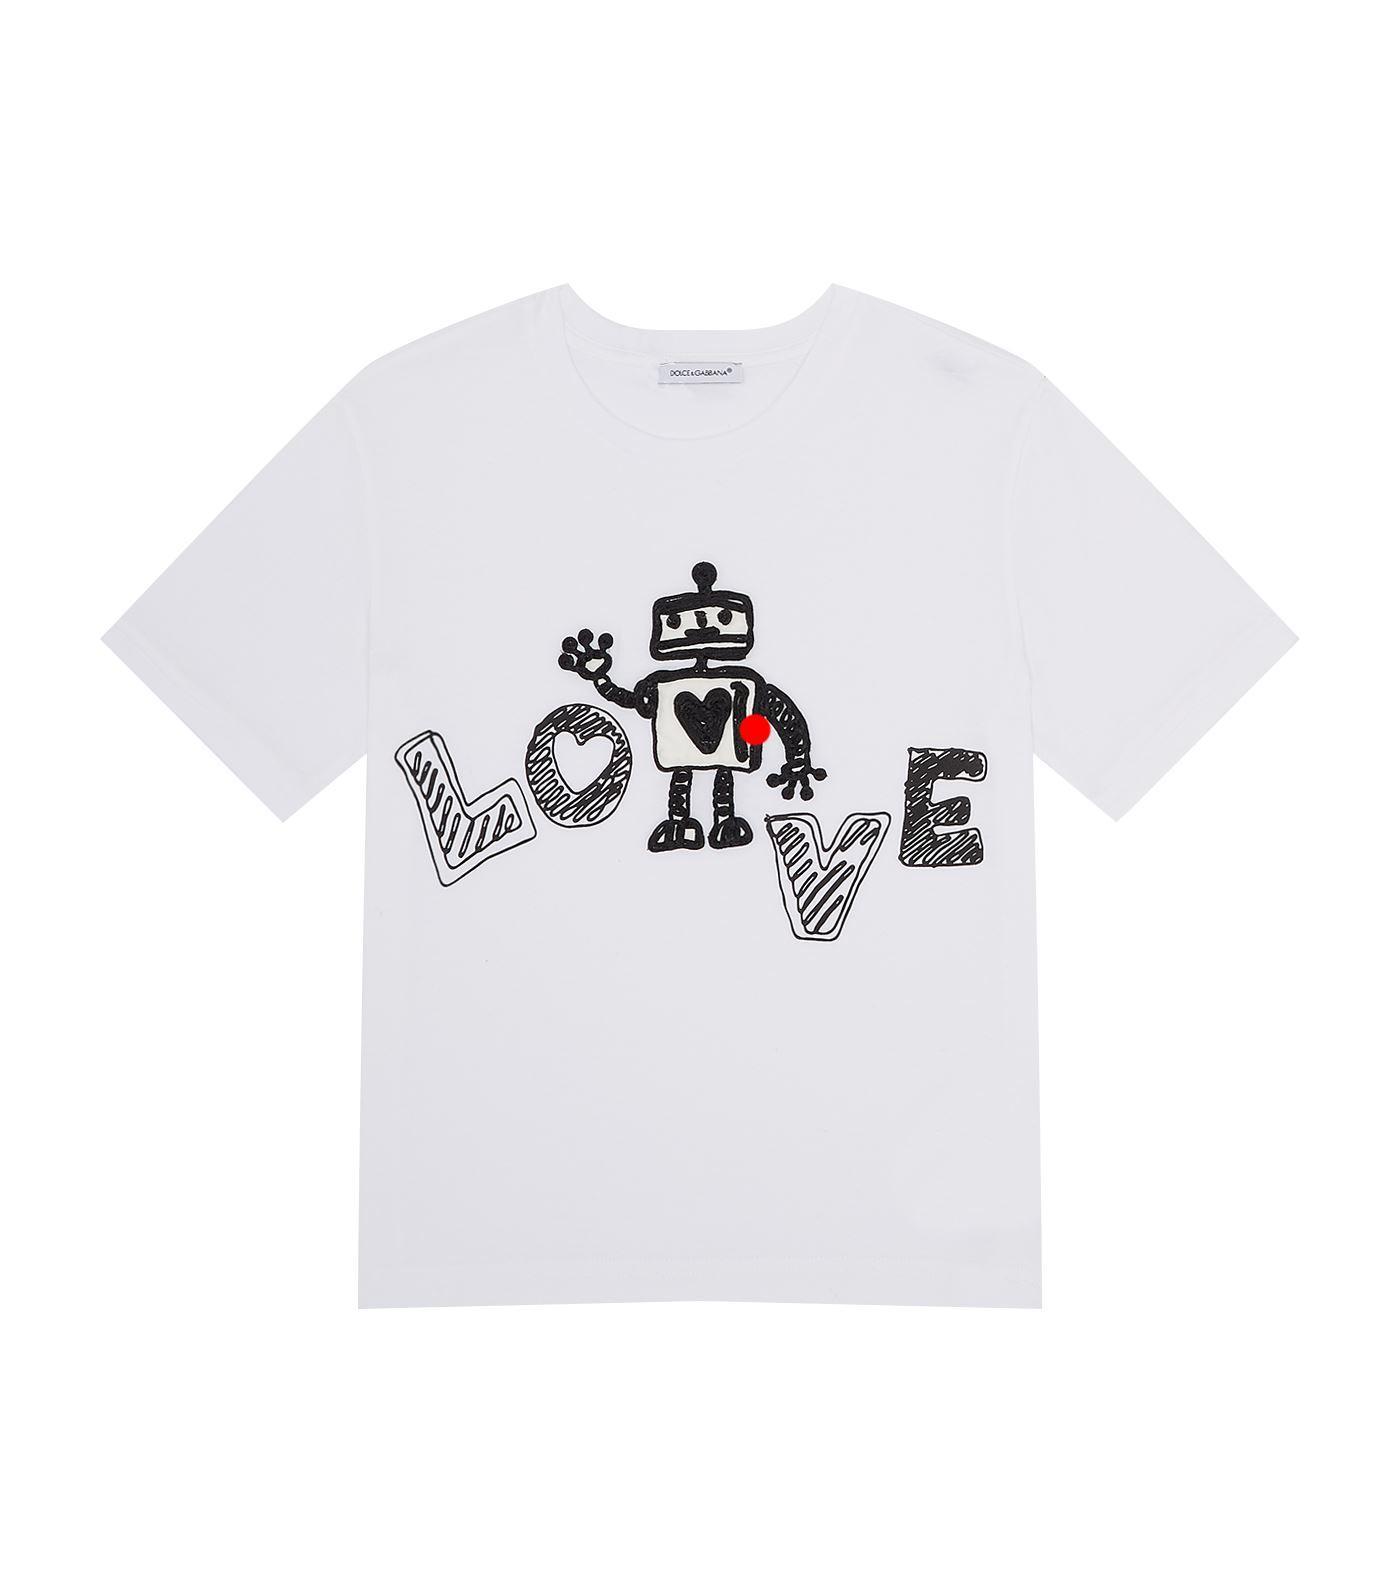 Dolce & Gabbana Robot T-shirt In Multi